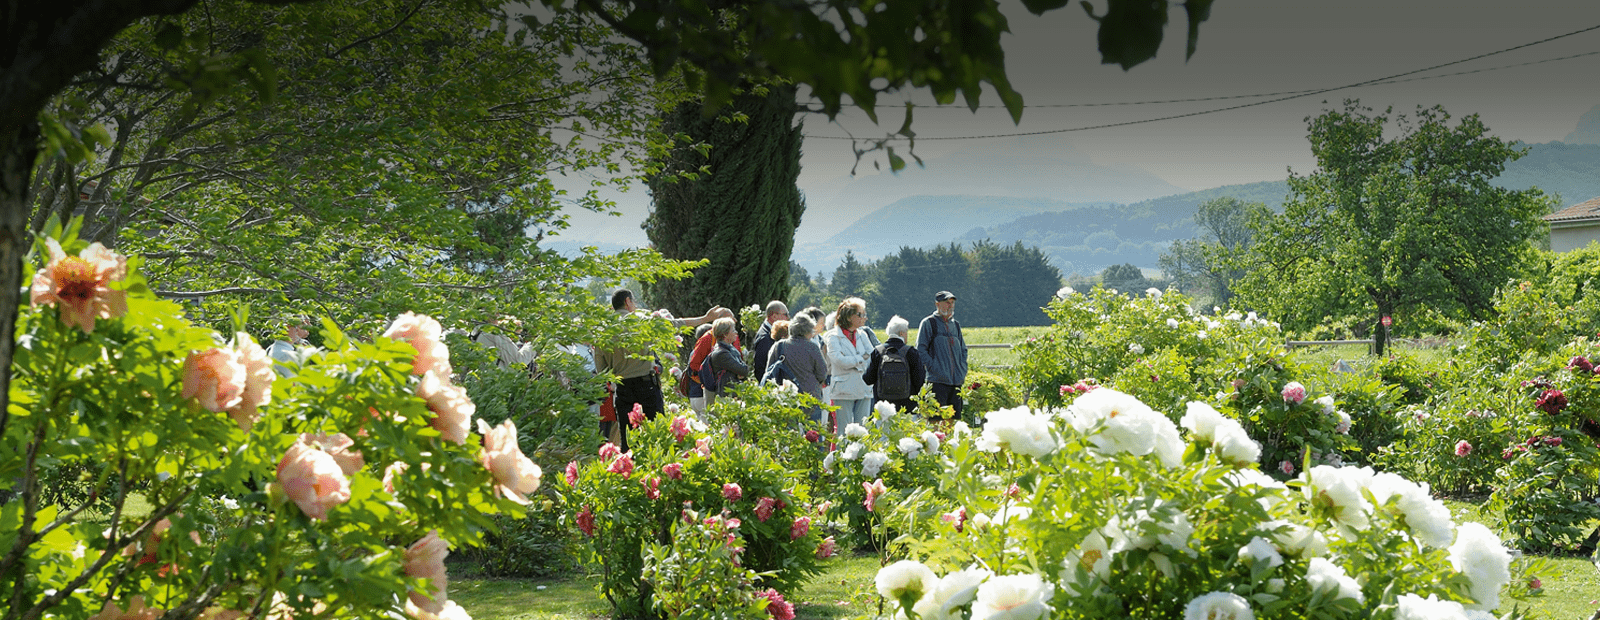 producteur pivoines à crest dans la Drôme